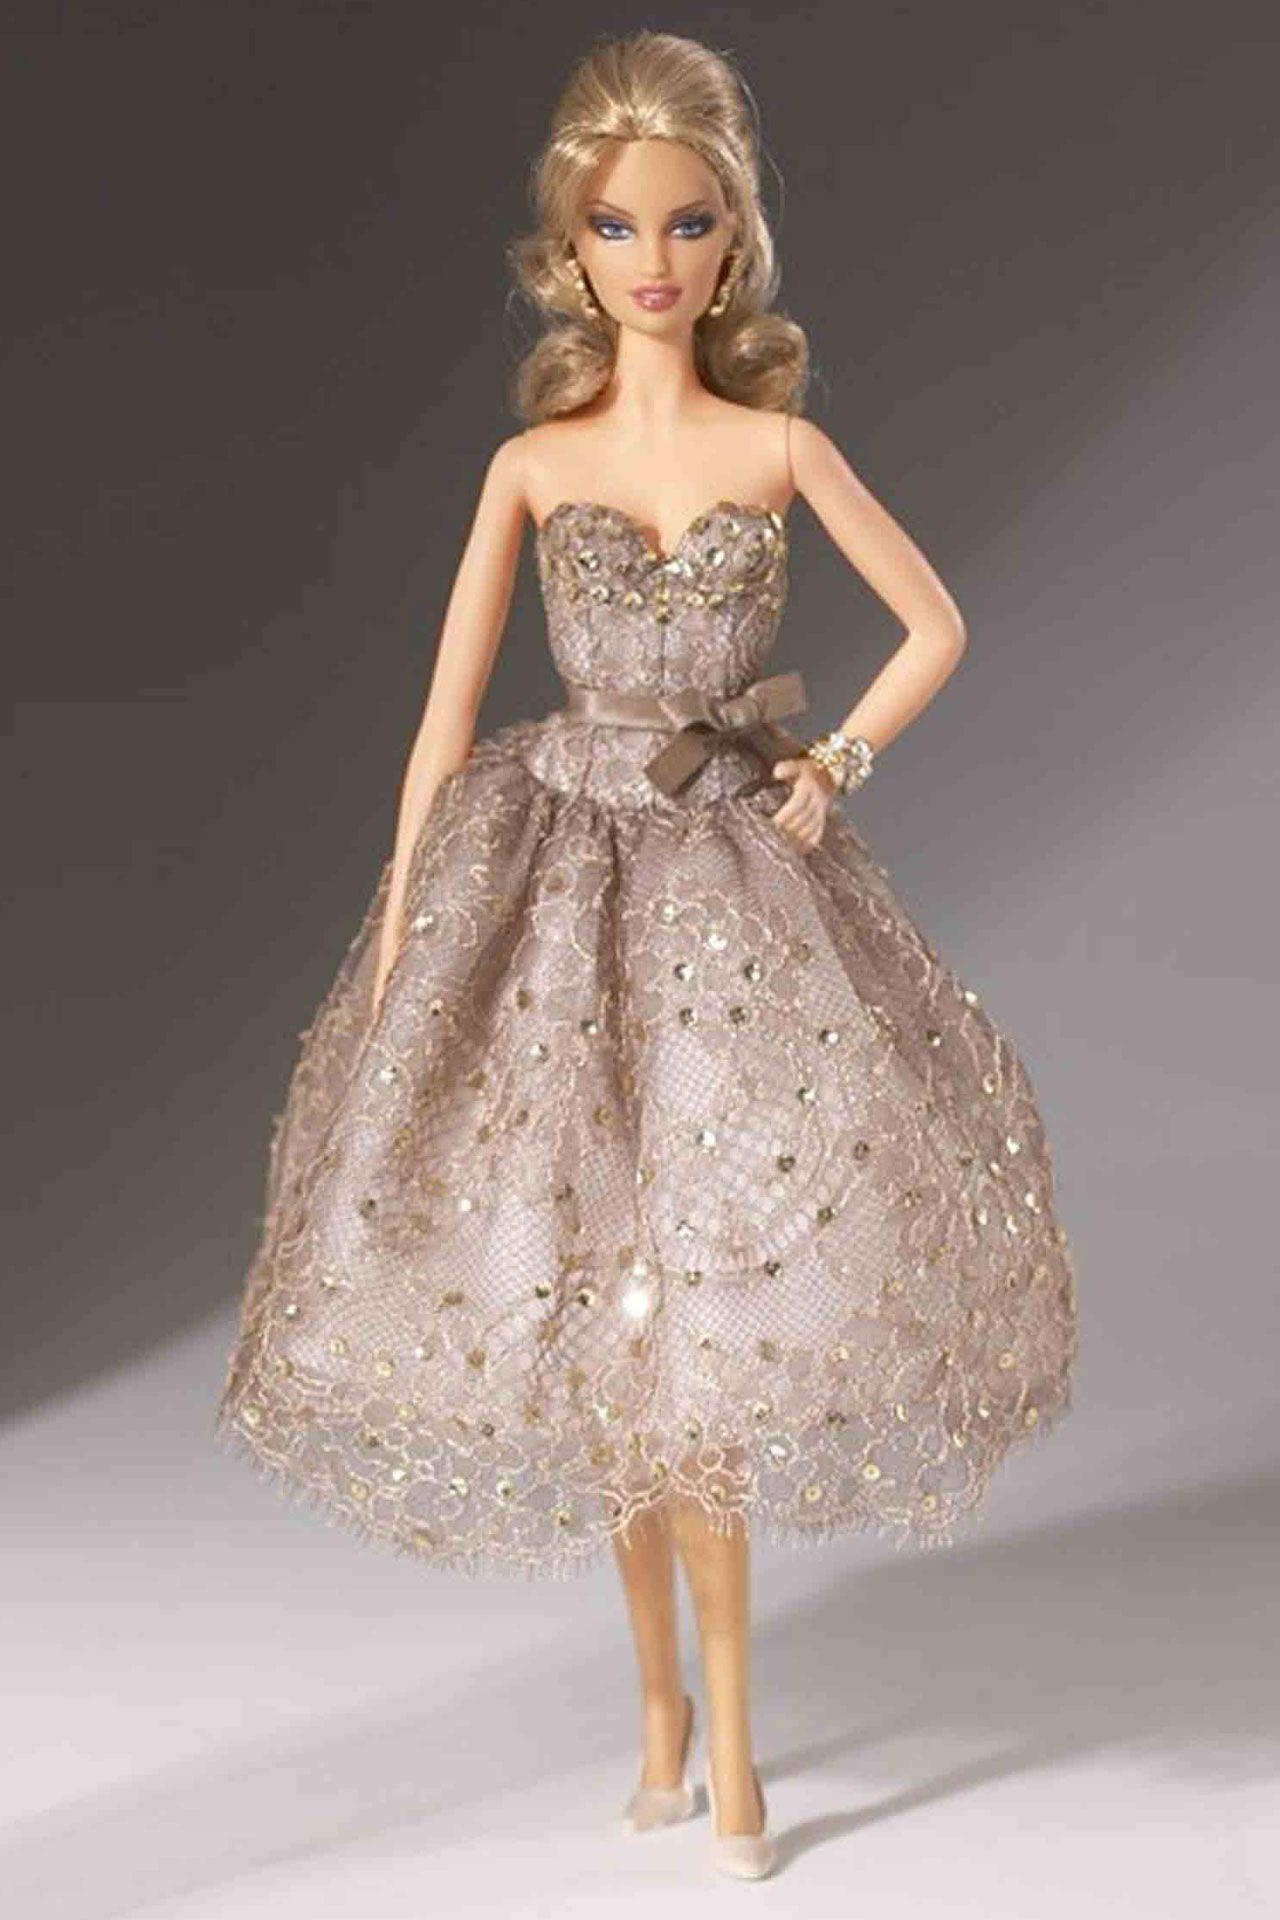 Barbiepuppen & Zubehör von Mattel Dress Maker Details Couture Fashion Barbie Convention Exclusive 2009